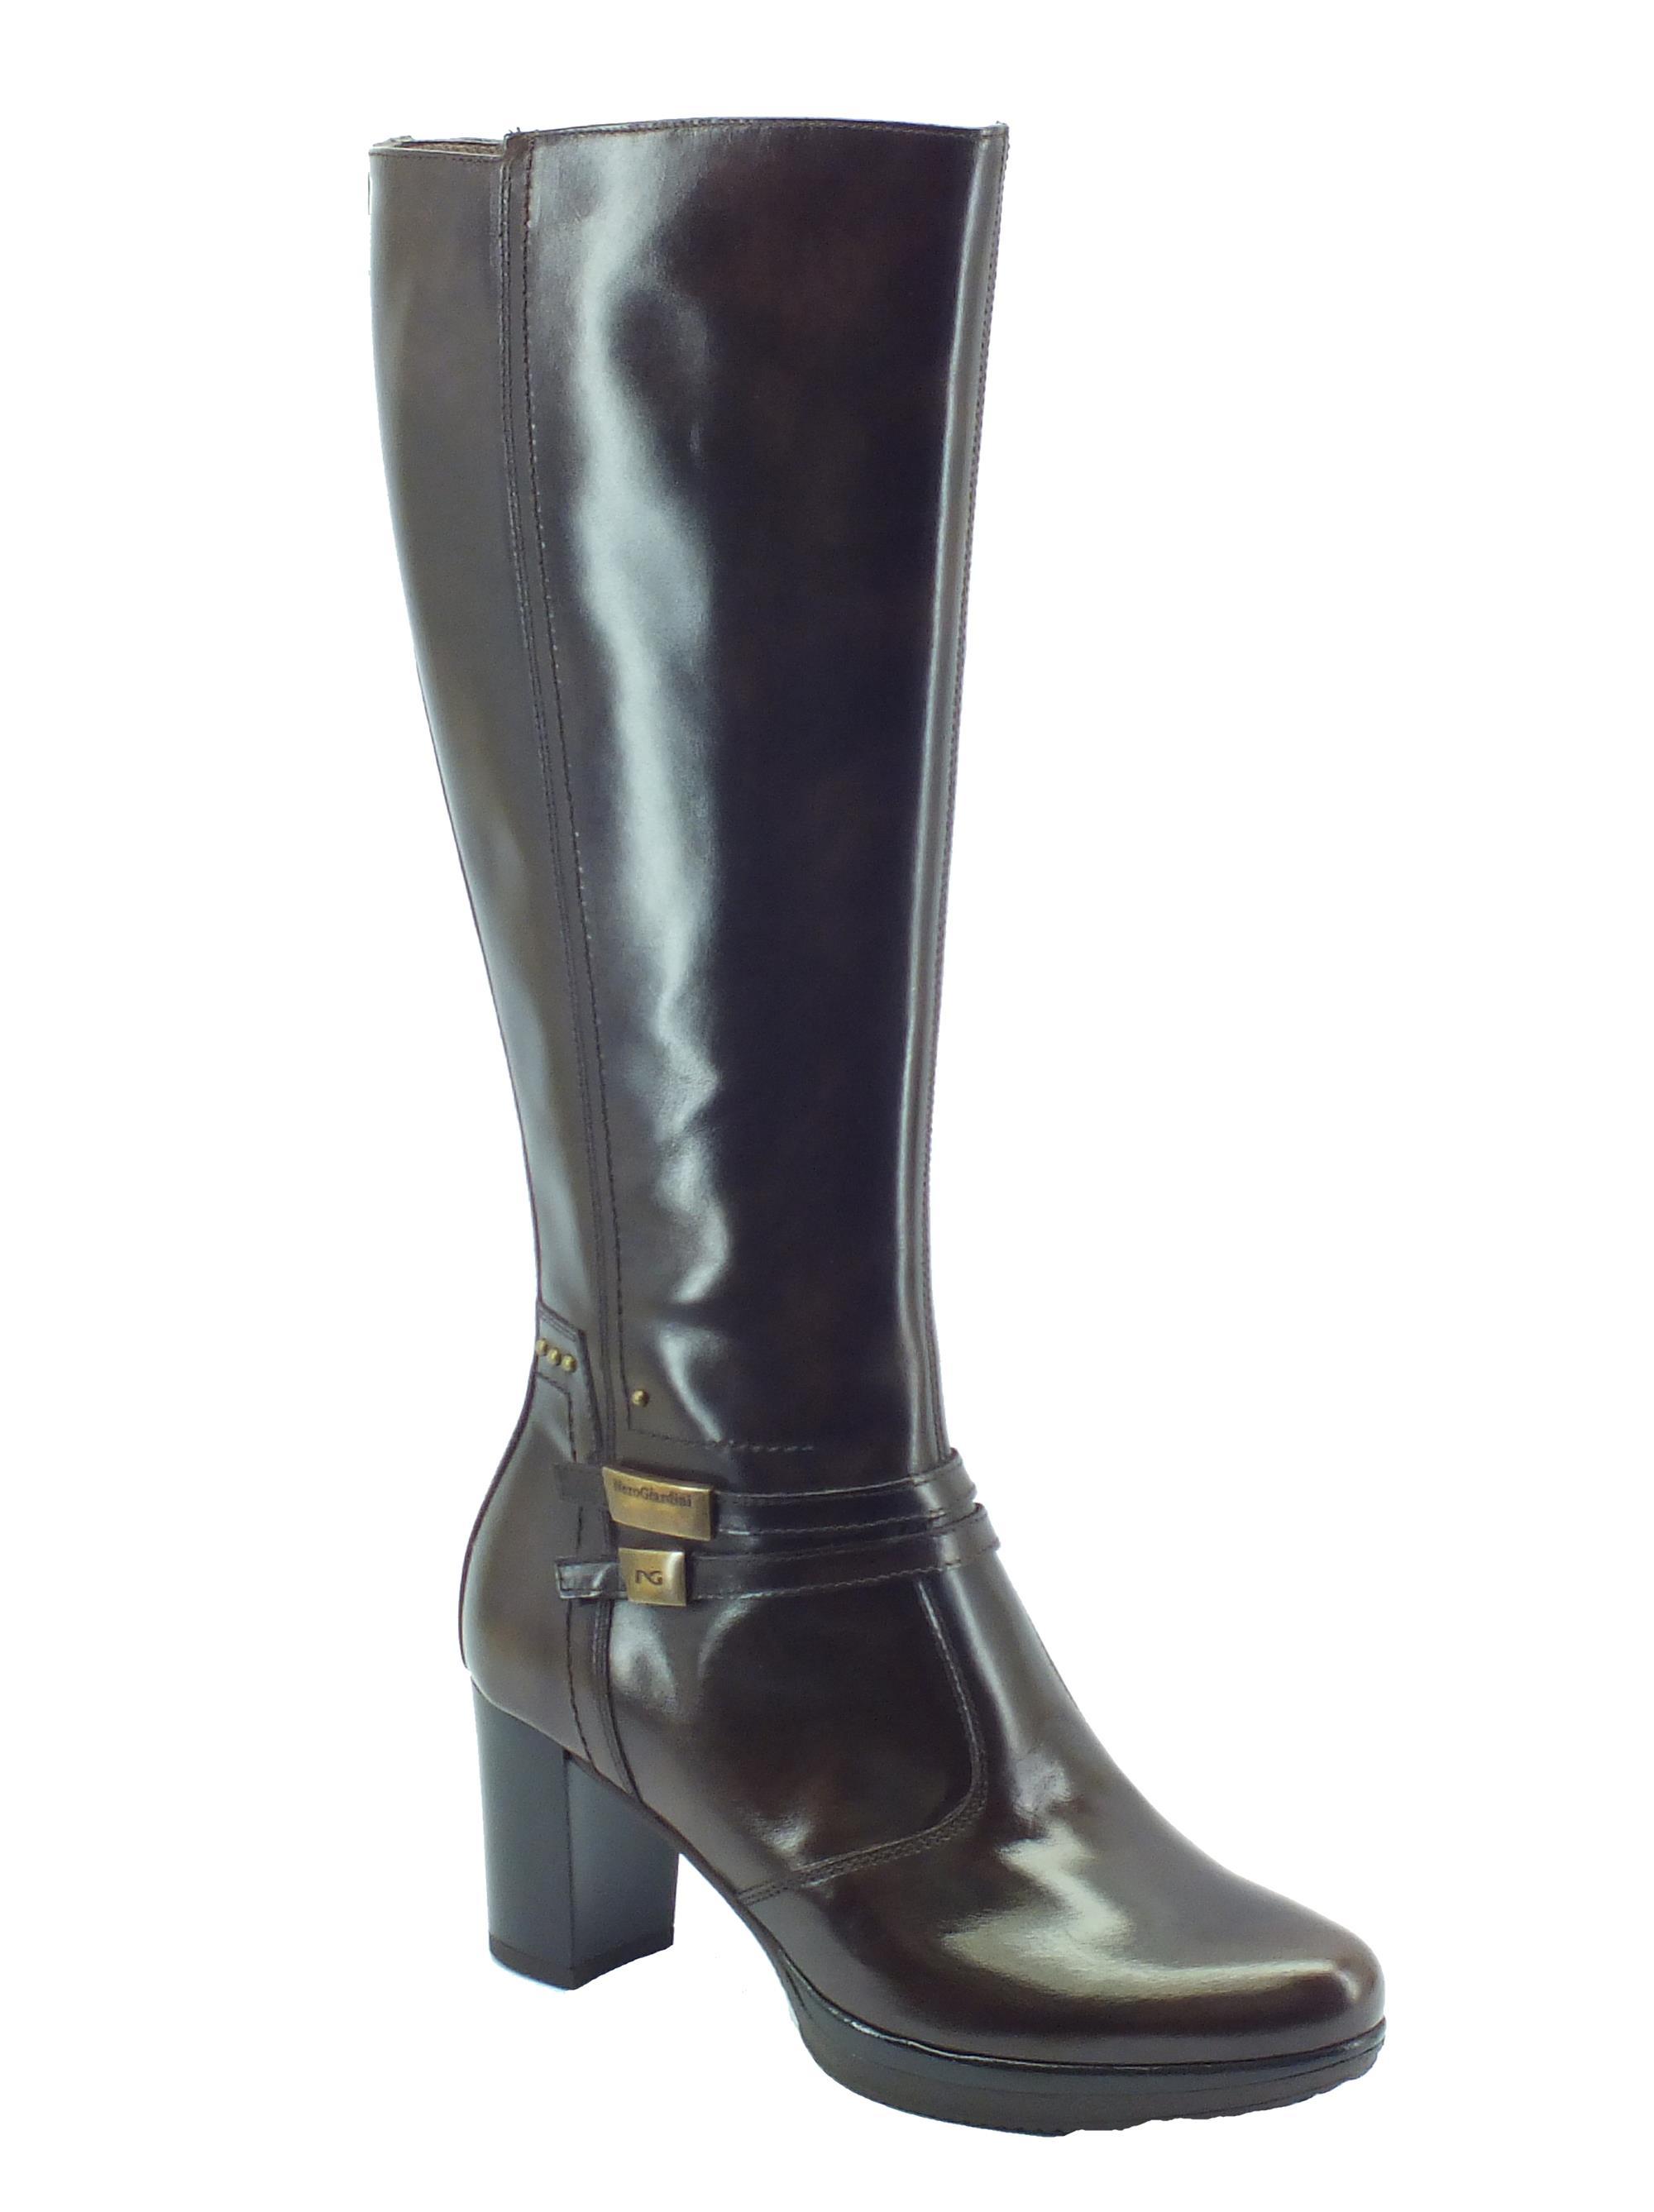 824741654fd61c Stivali NeroGiardini in pelle testa di moro con tacco medio ...